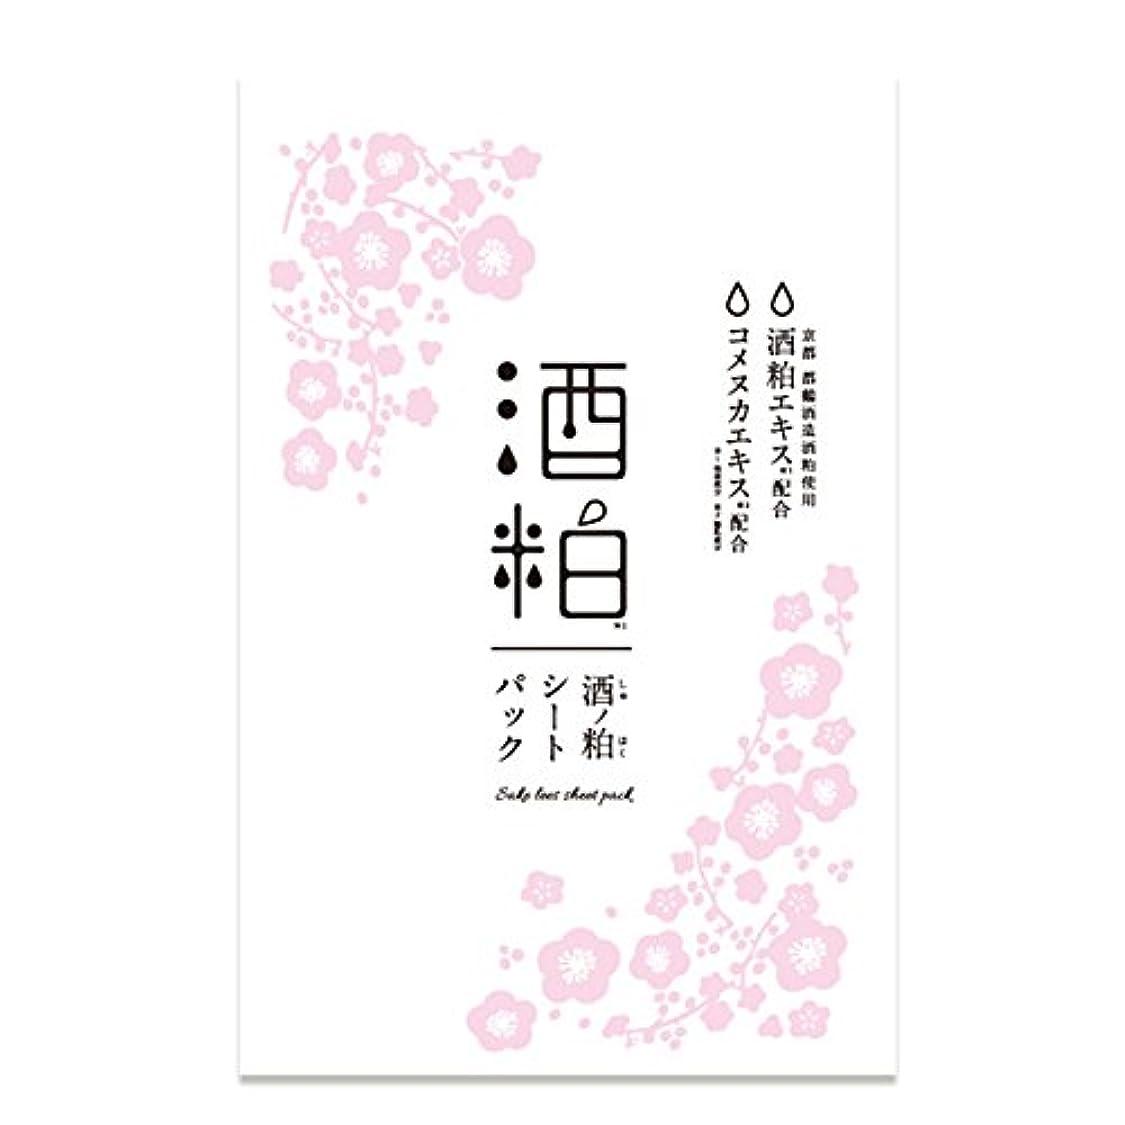 霊繊細まもなく酒粕シートパック(美白マスク)5枚セット 京都酒蔵の大吟醸酒粕のみ使用